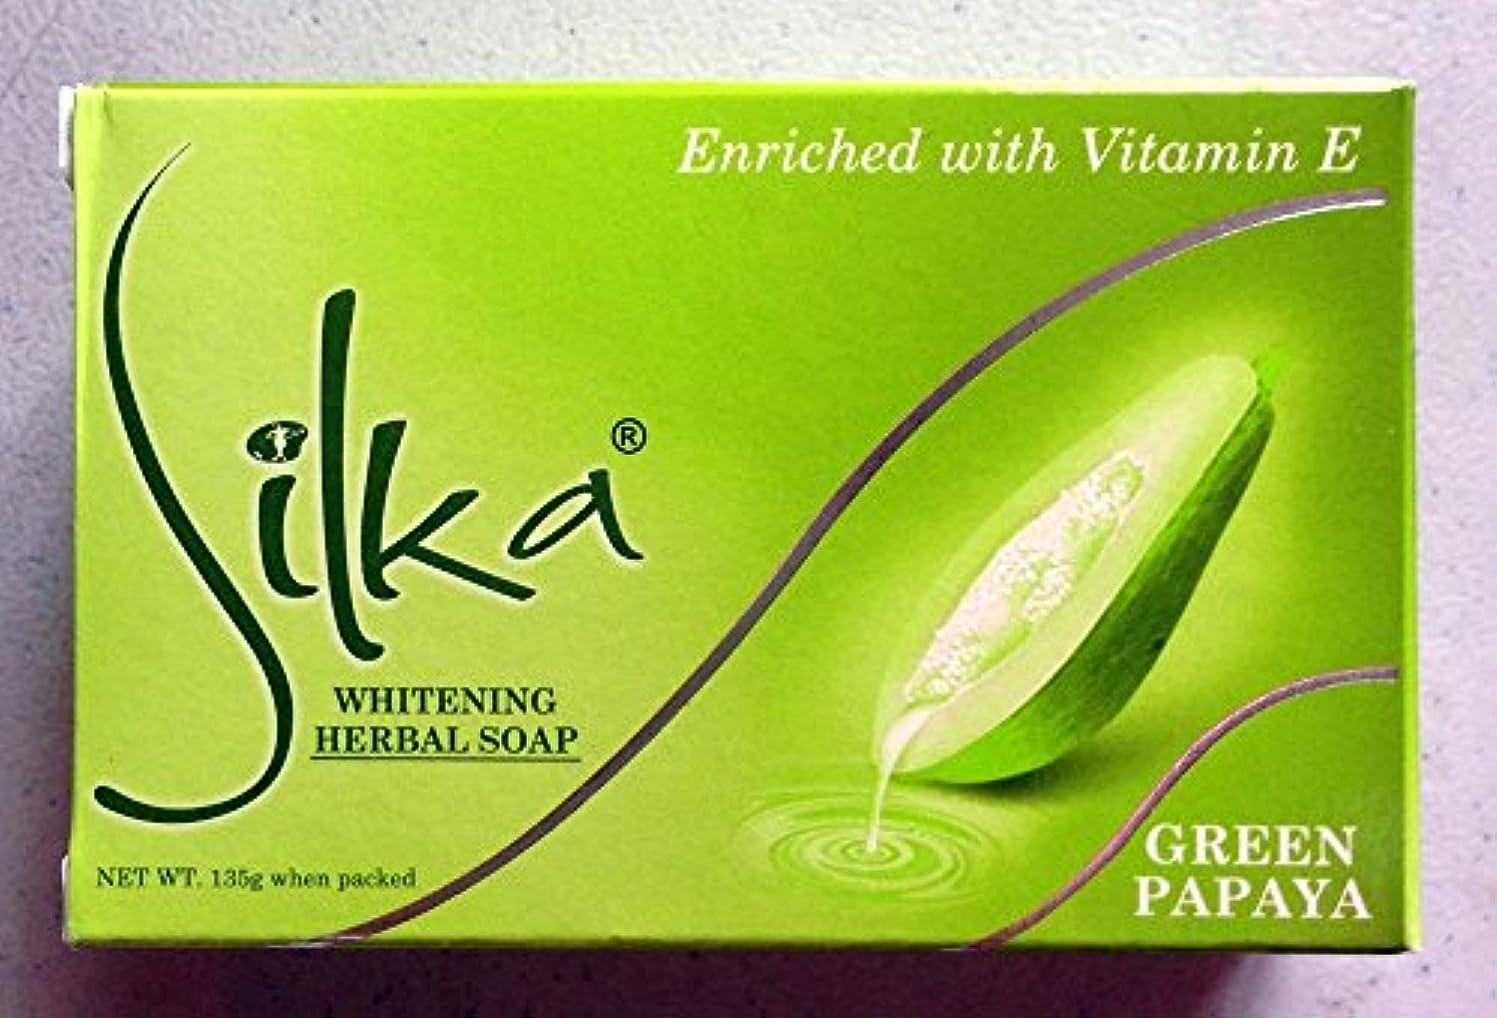 絵話誇りシルカ グリーン パパイヤソープ 135g Silka green papaya soap